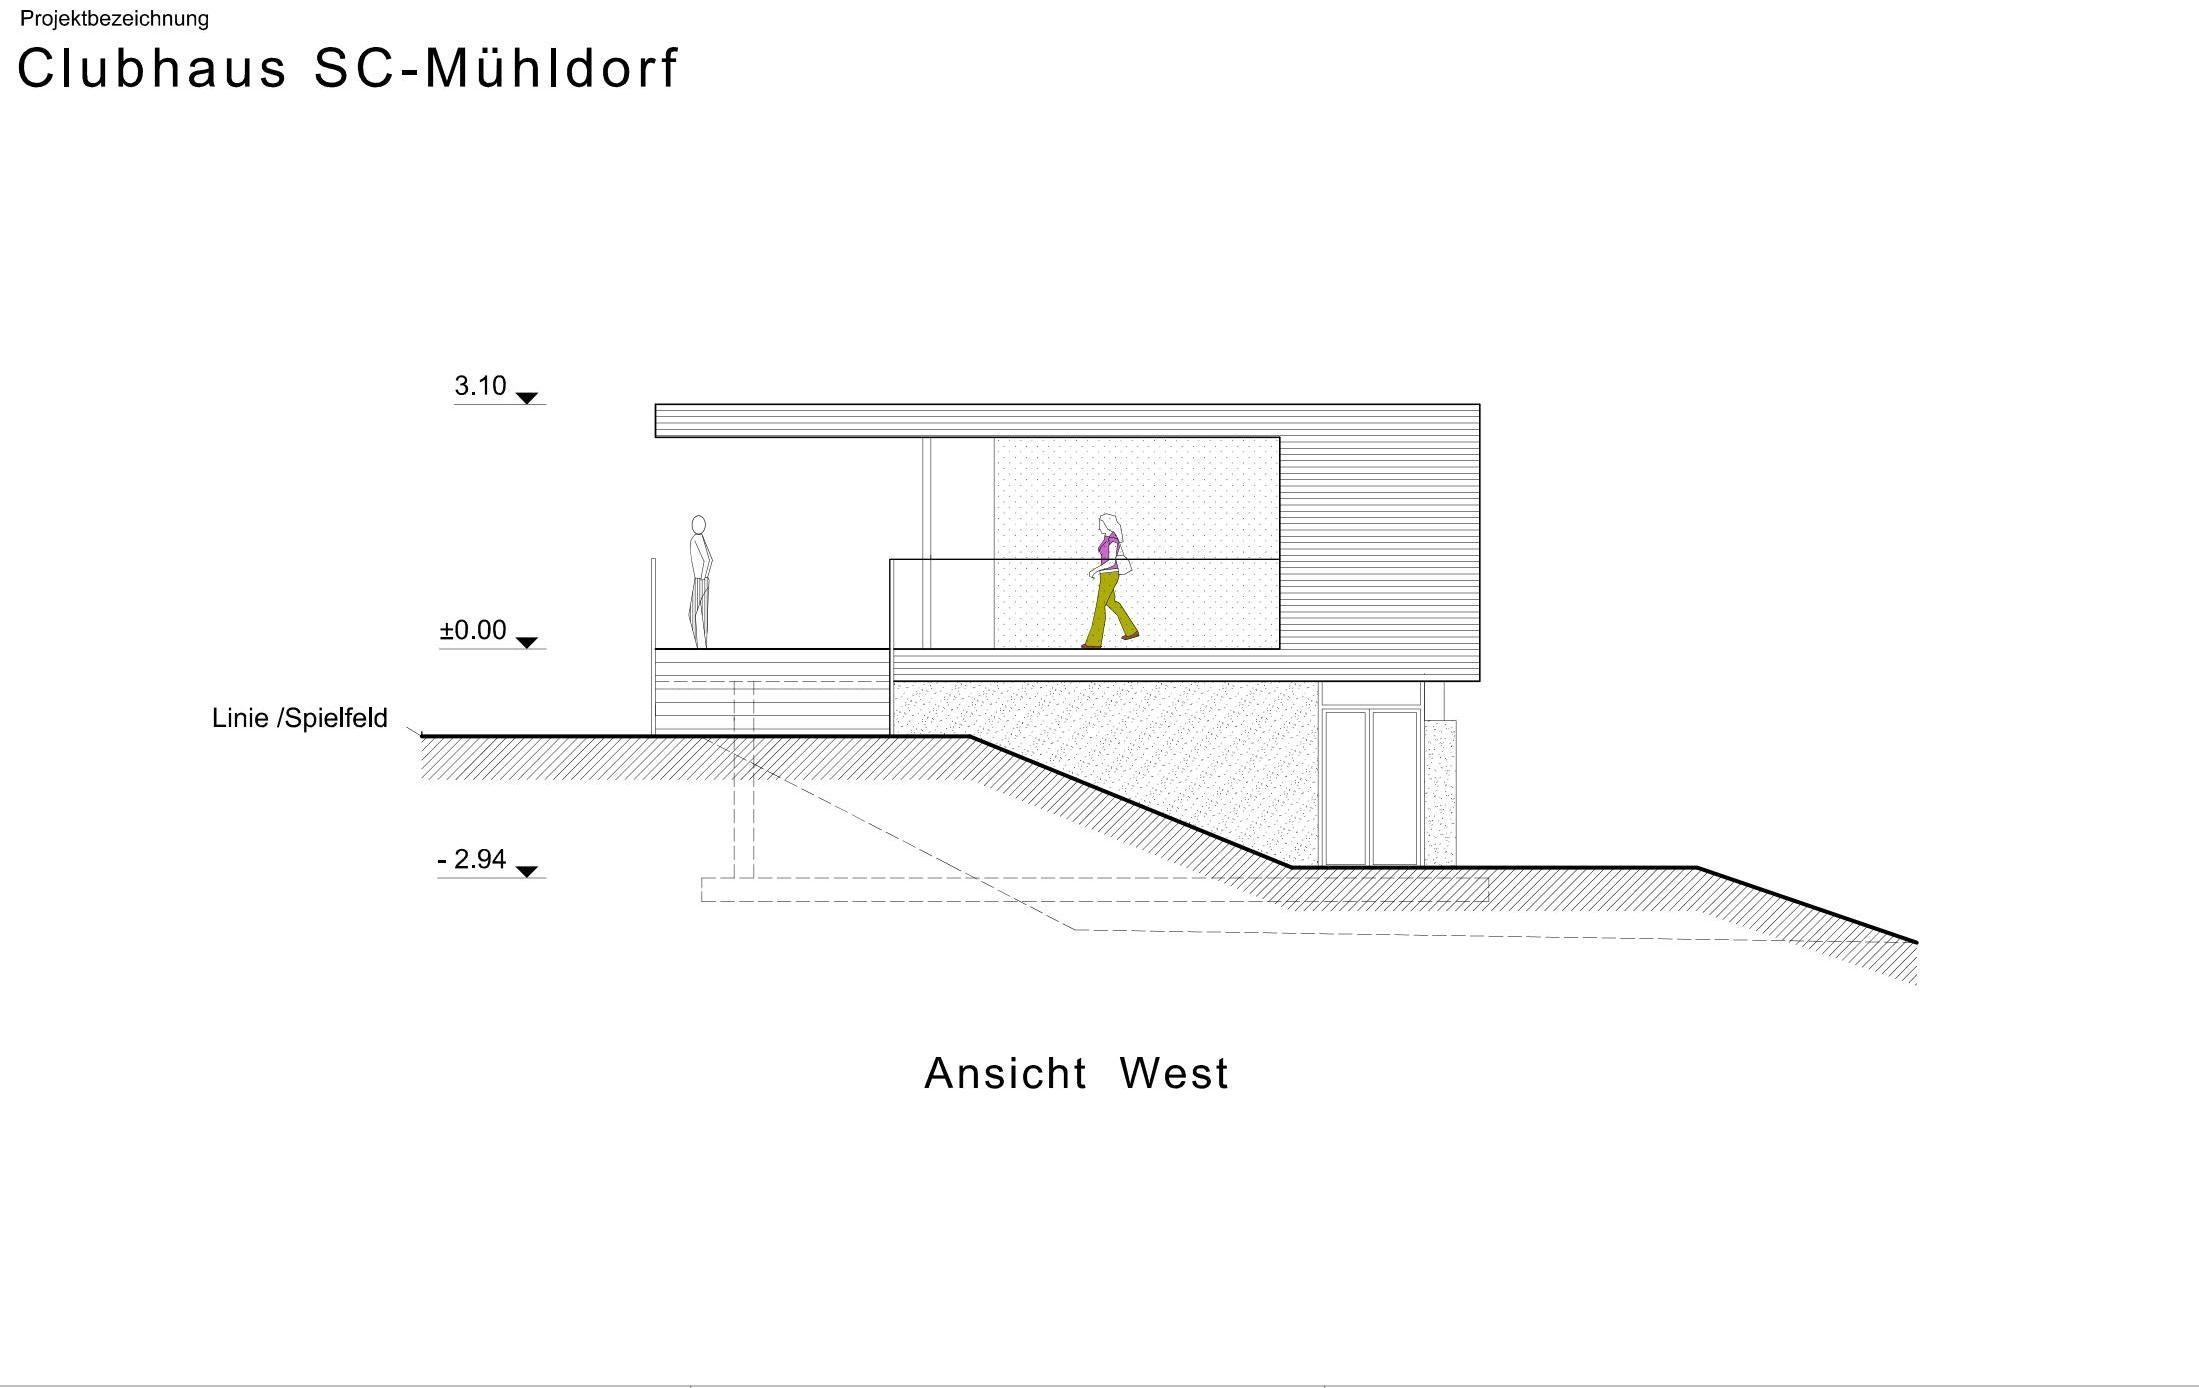 https://0501.nccdn.net/4_2/000/000/071/260/Landesbaupreis--2008_SC---M--hldorf_-Ansicht-West_Page_1-2199x1388.jpg